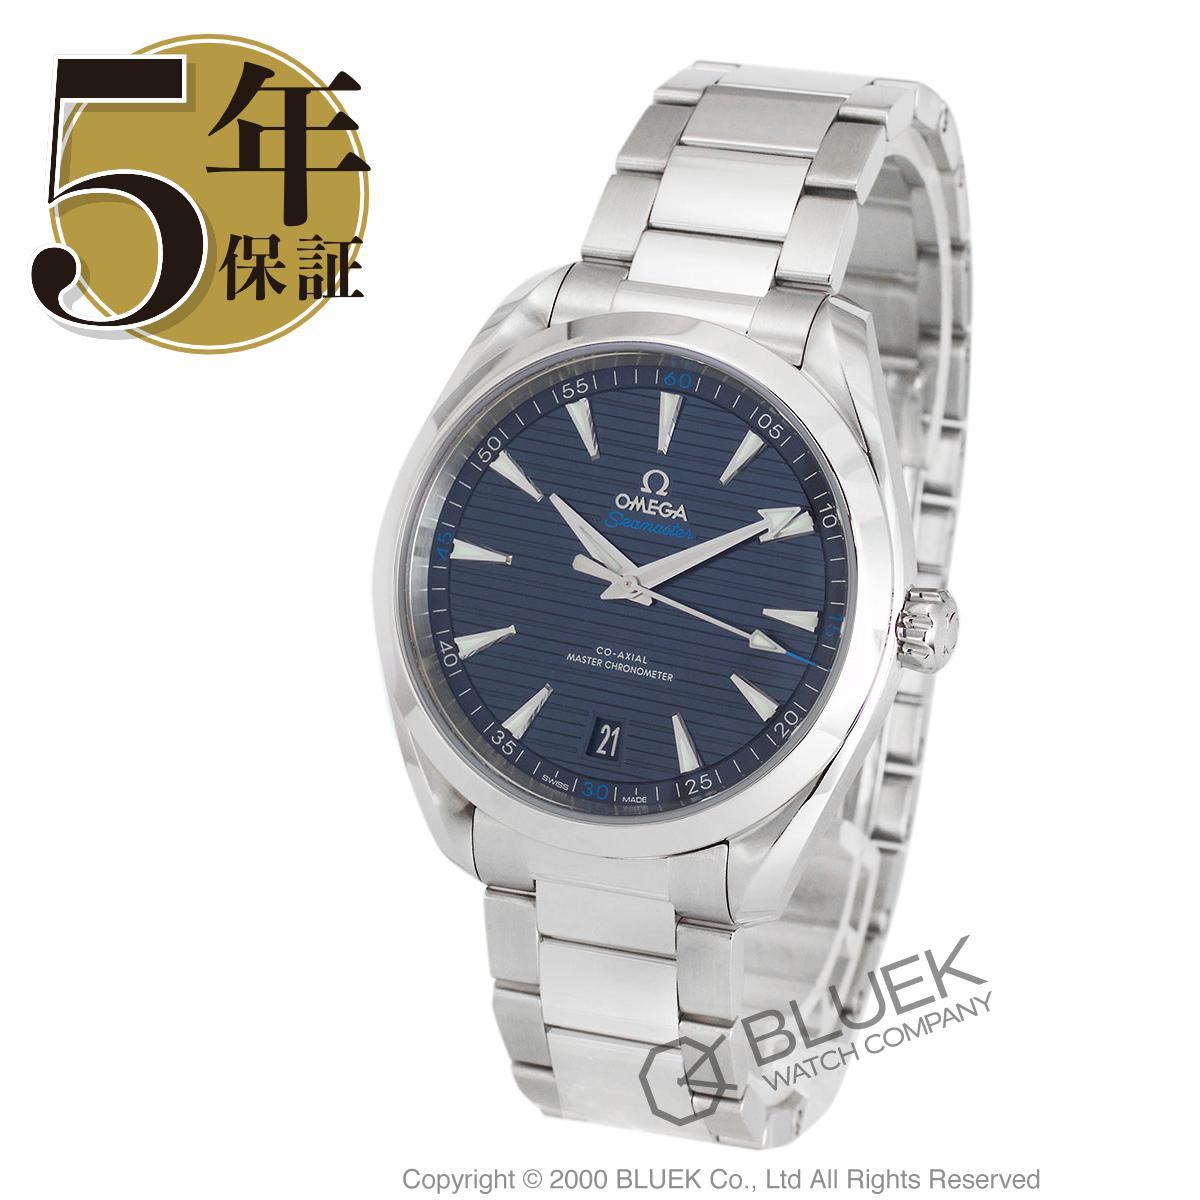 オメガ シーマスター アクアテラ マスタークロノメーター 腕時計 メンズ OMEGA 220.10.41.21.03.001_8